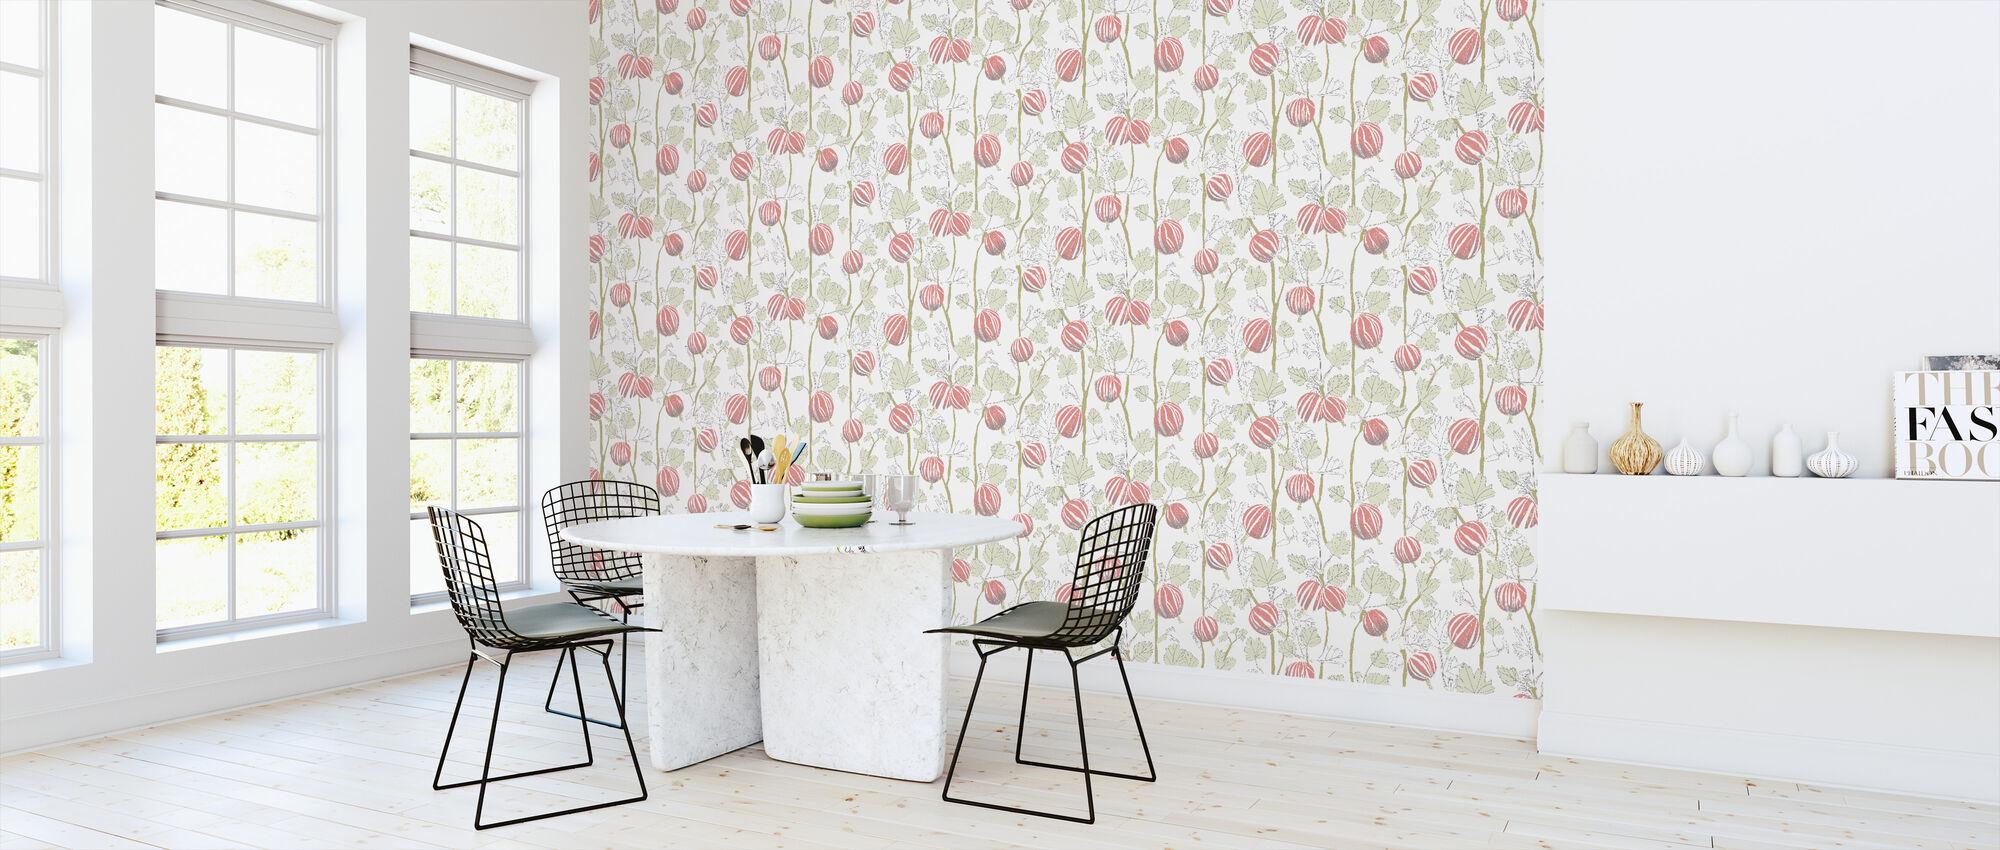 In the Garden - Red - Wallpaper - Kitchen